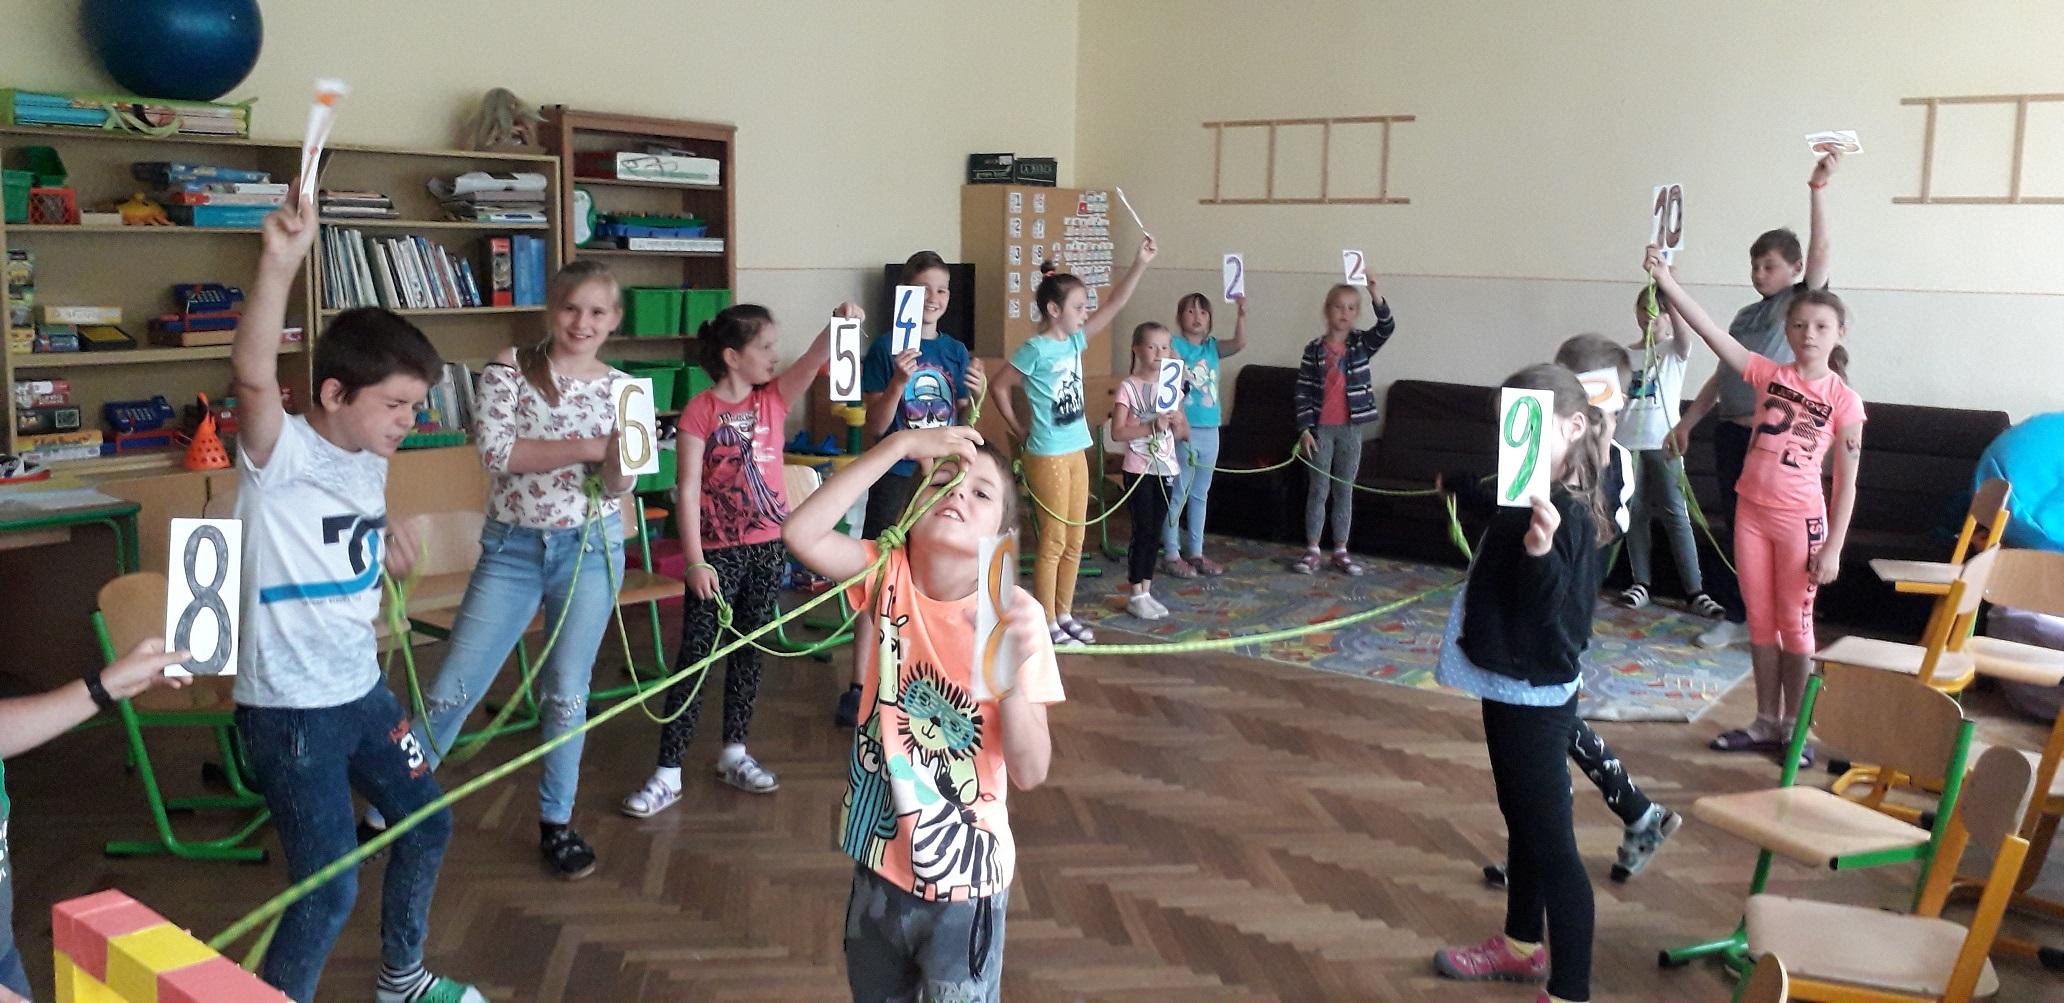 Letná škola dáva priestor vyskúšať vyučovanie v zmiešanej triede či blokovým spôsobom. V Ľubeli sa osvedčila natoľko, že s ňou možno budú pokračovať aj mimo koronu